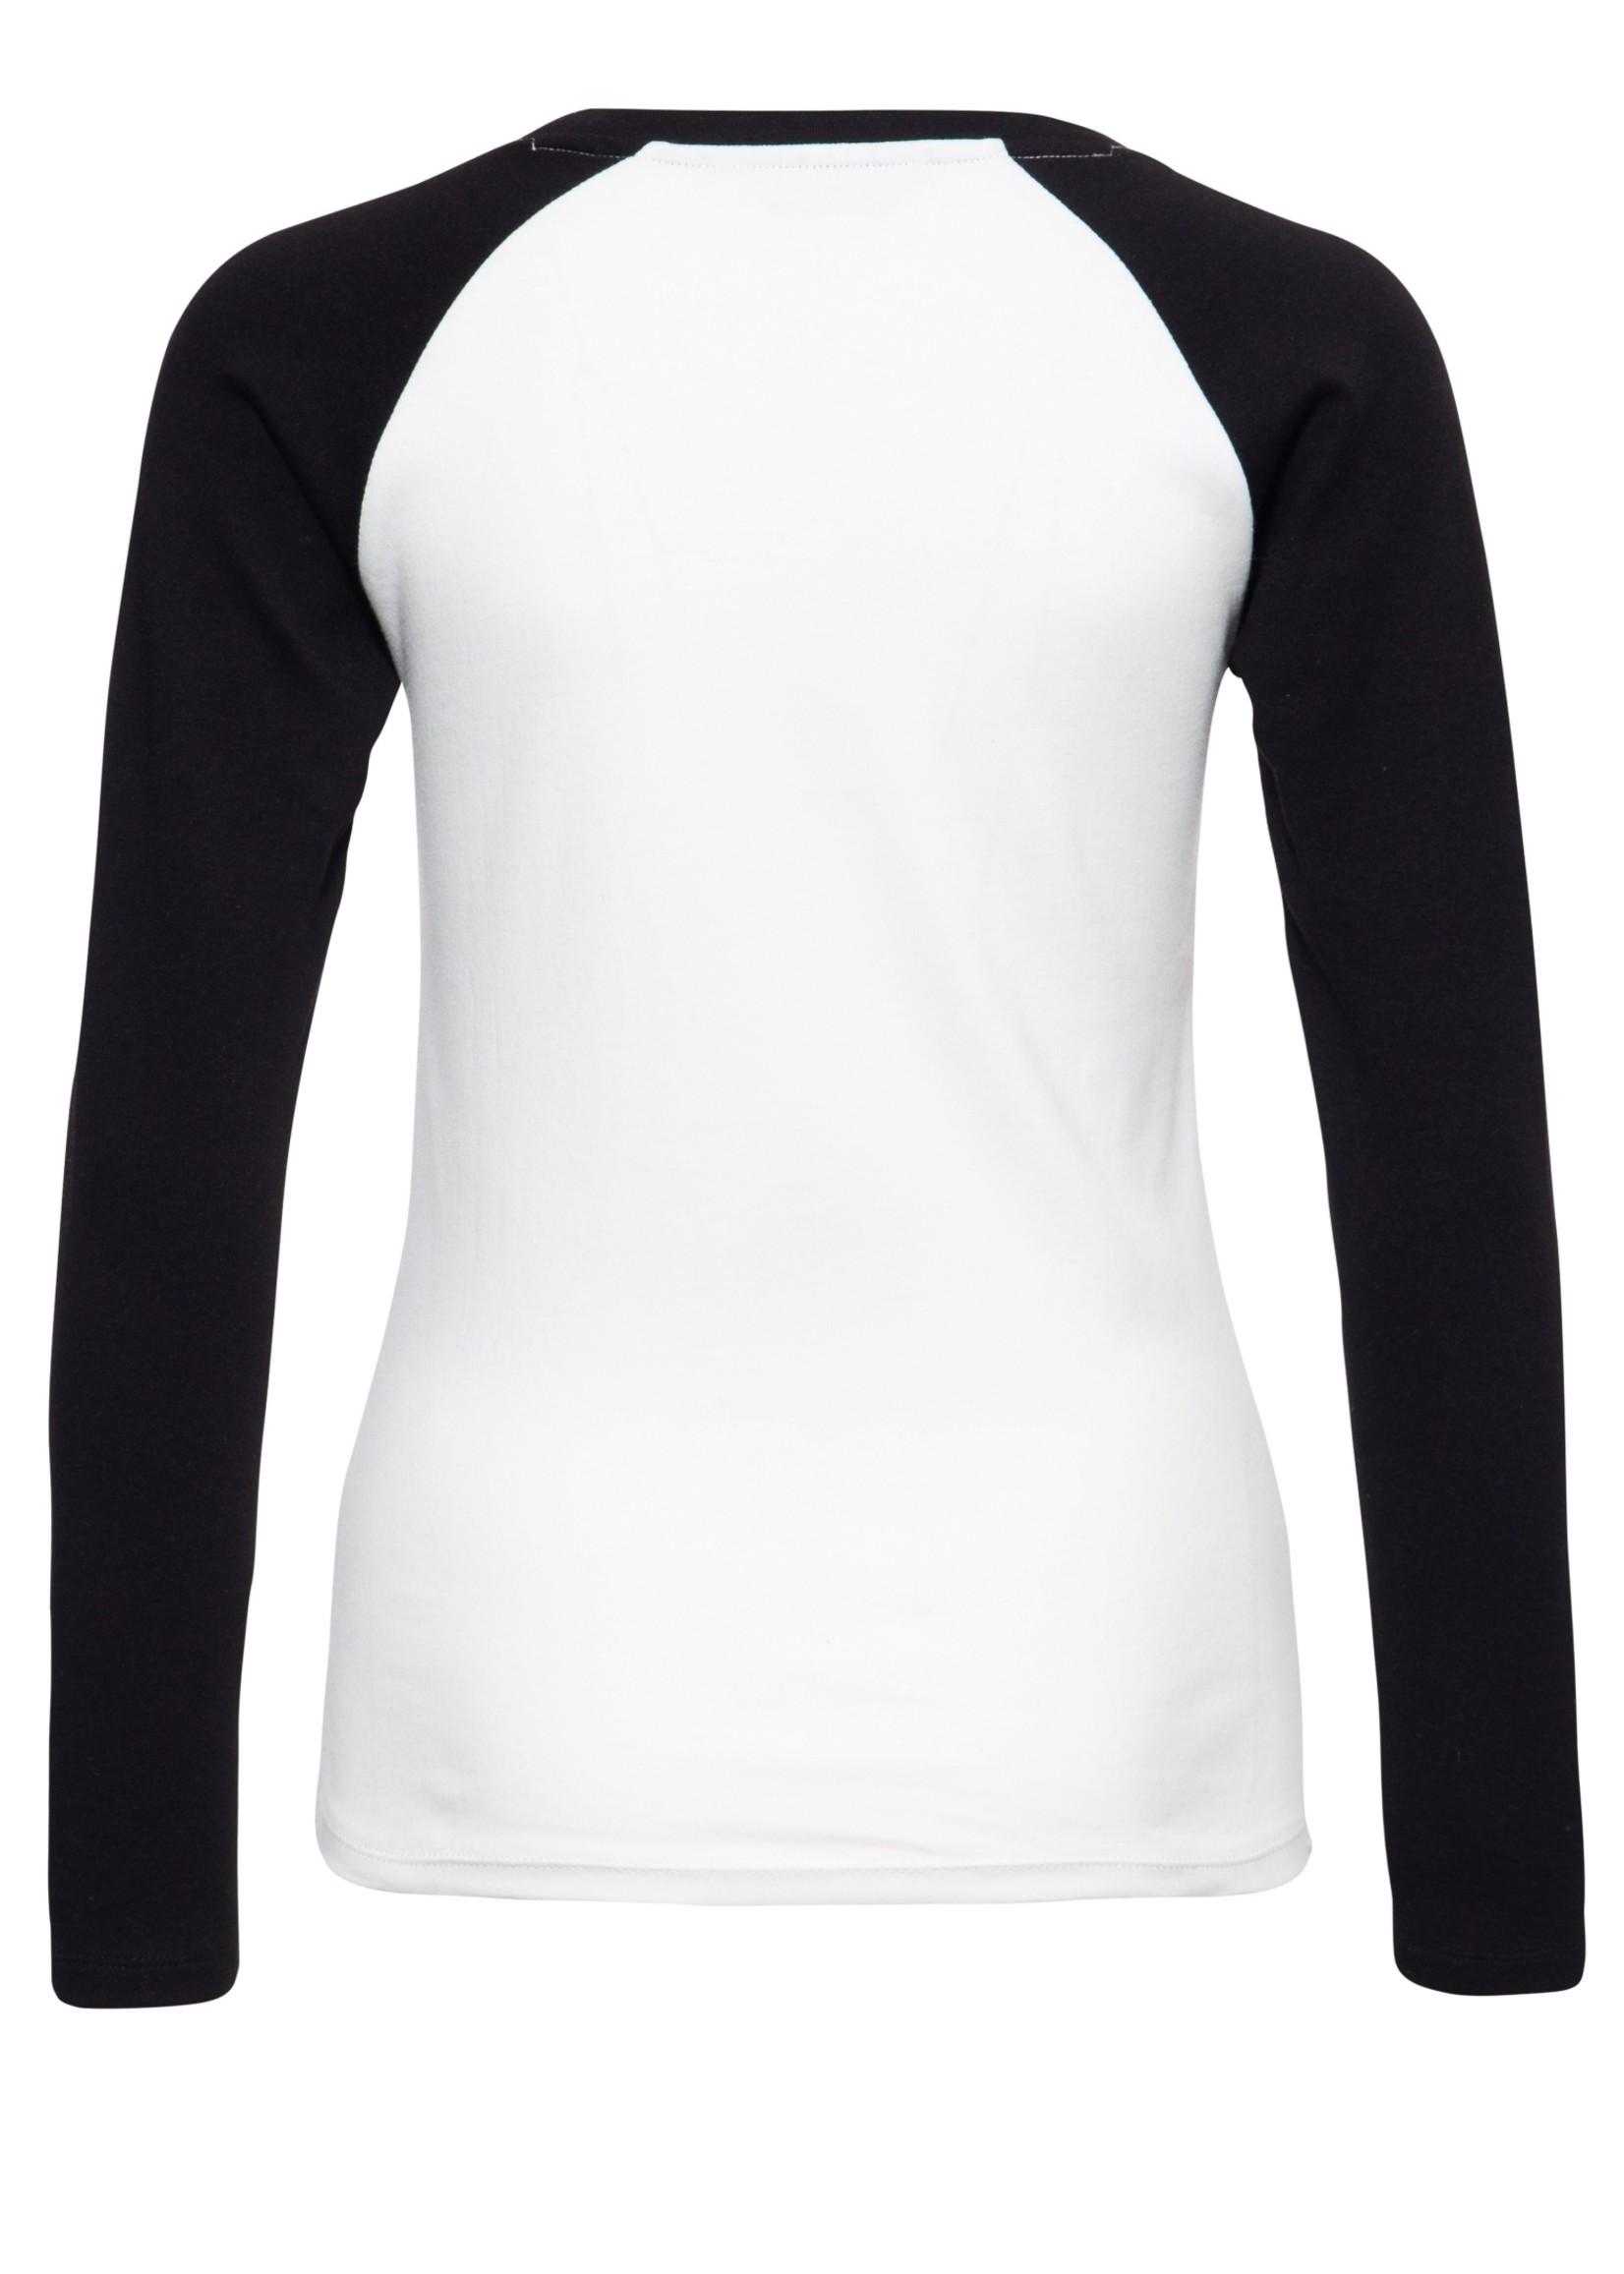 Queen Kerosin Queen Kerosin Build It Up Long Sleeve T-shirt in Off-White and Black